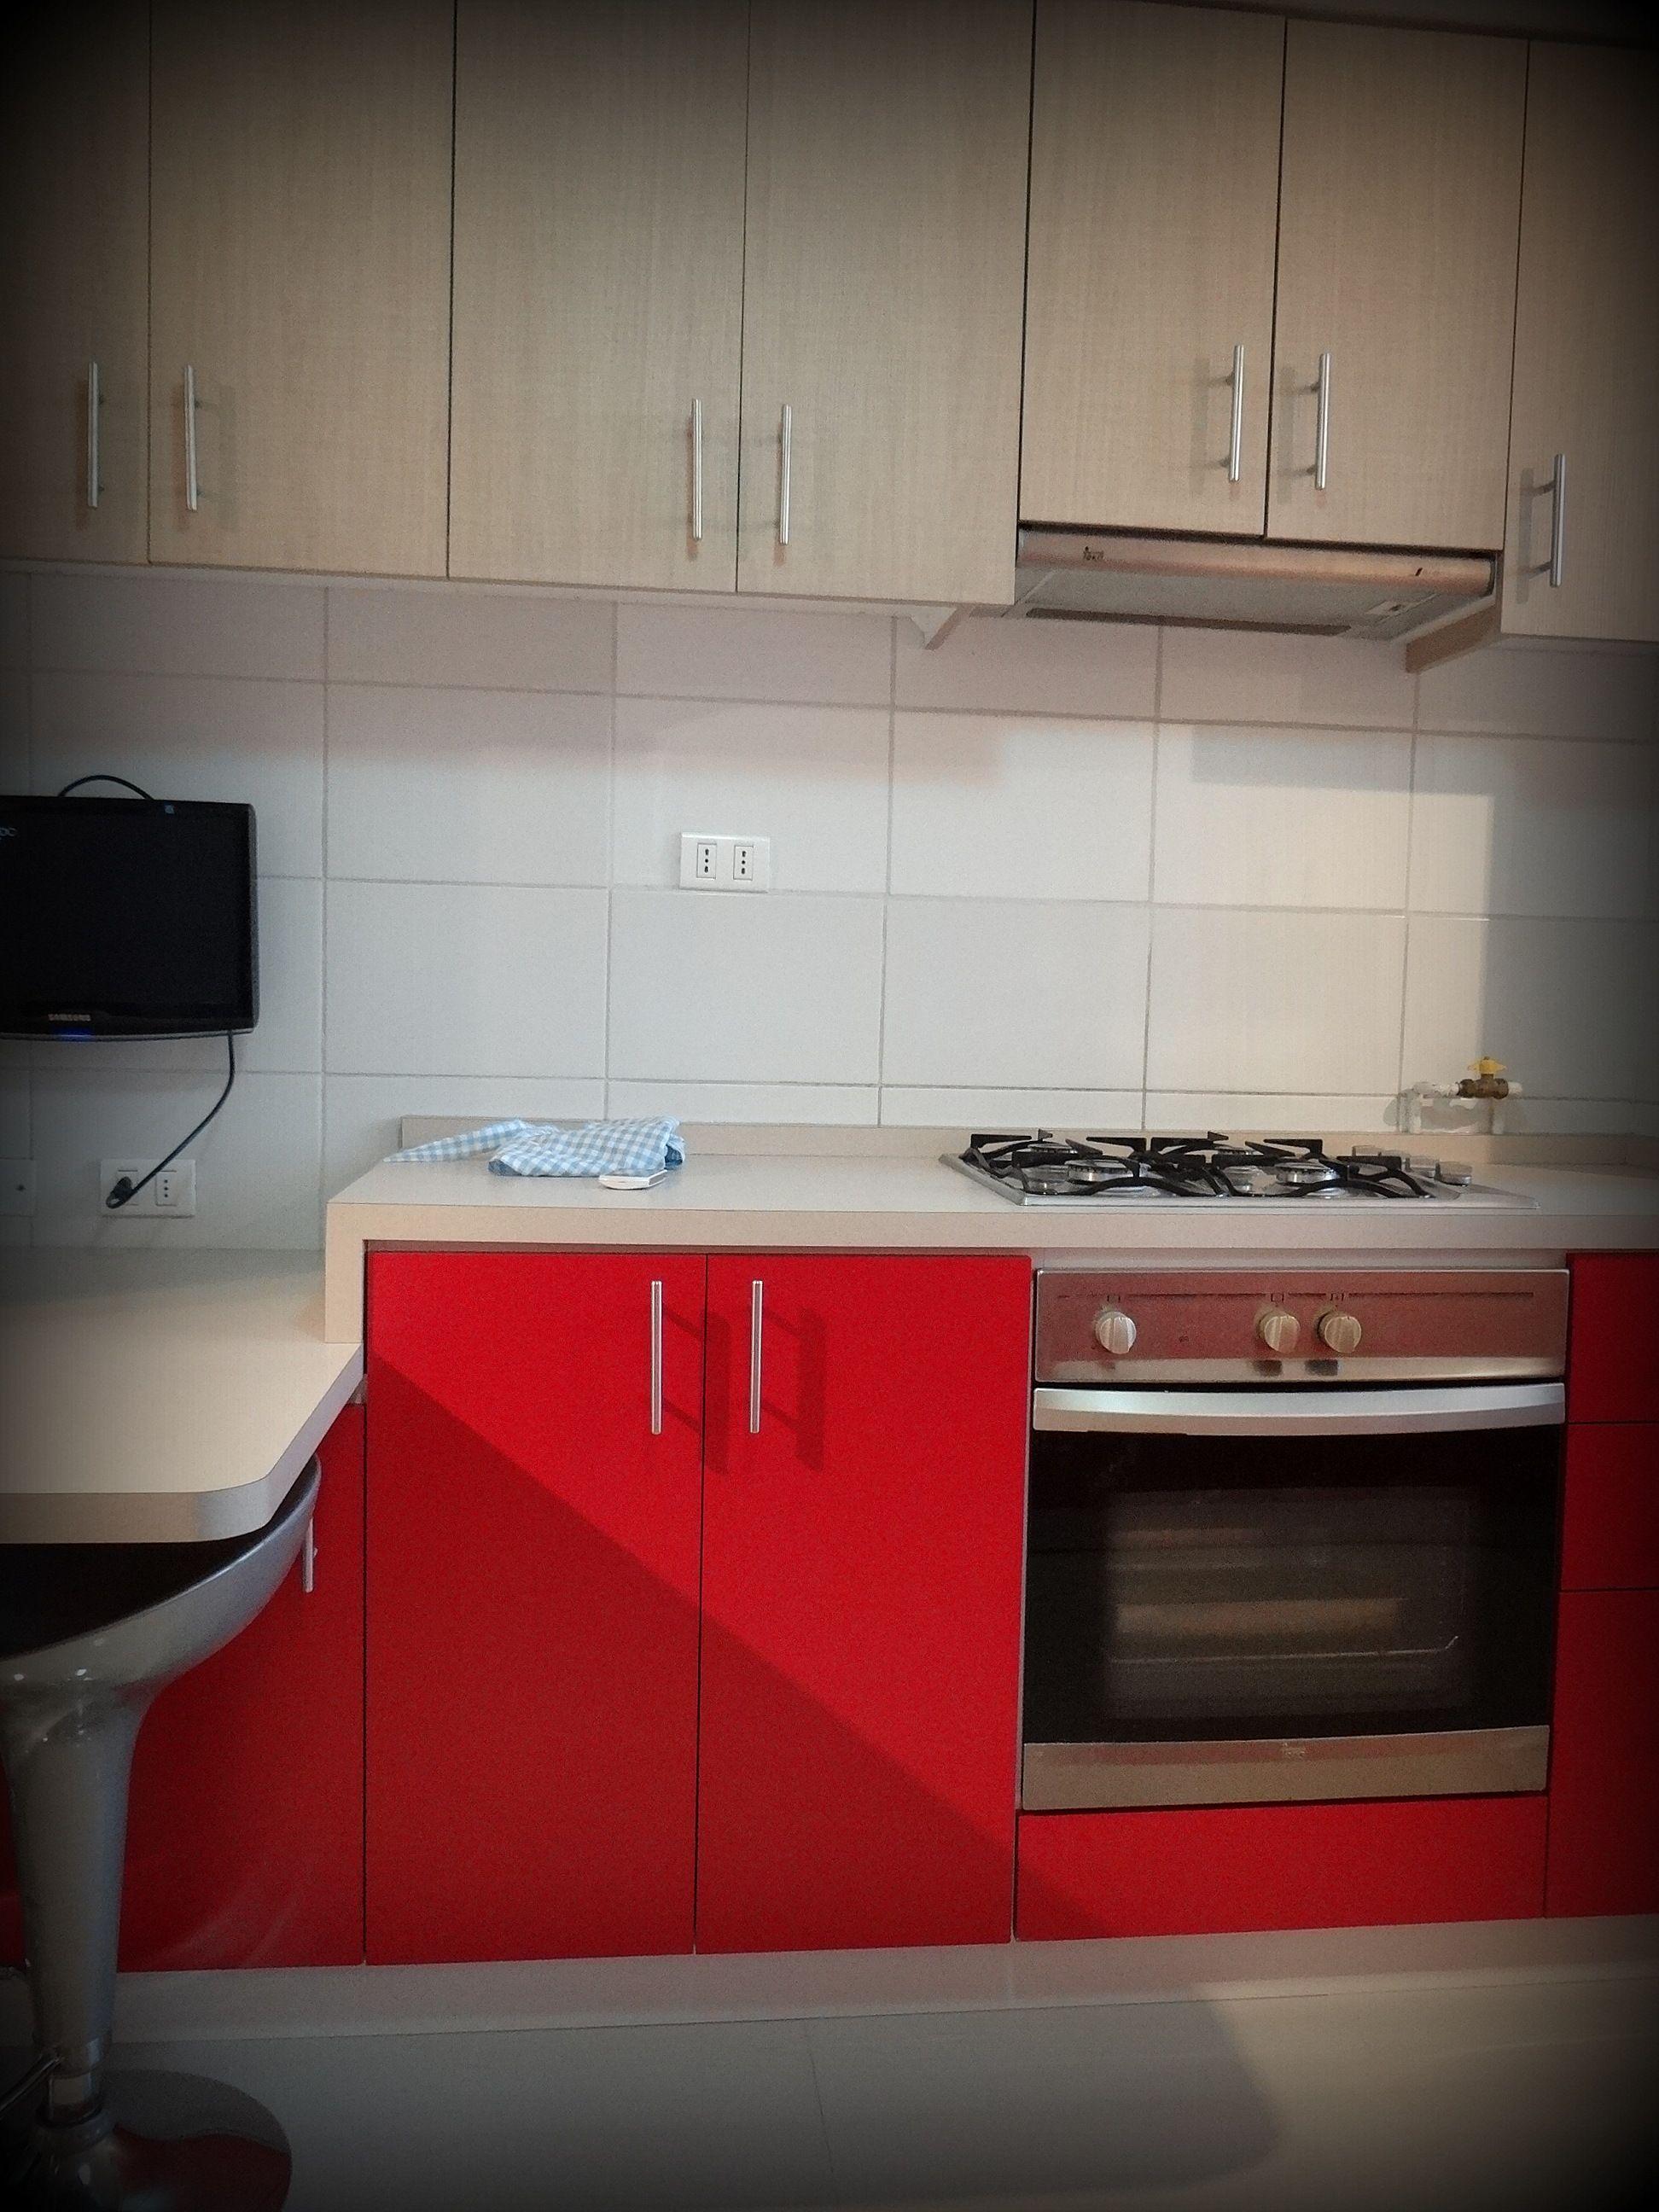 cocina encimera con horno bajo superficie postformada